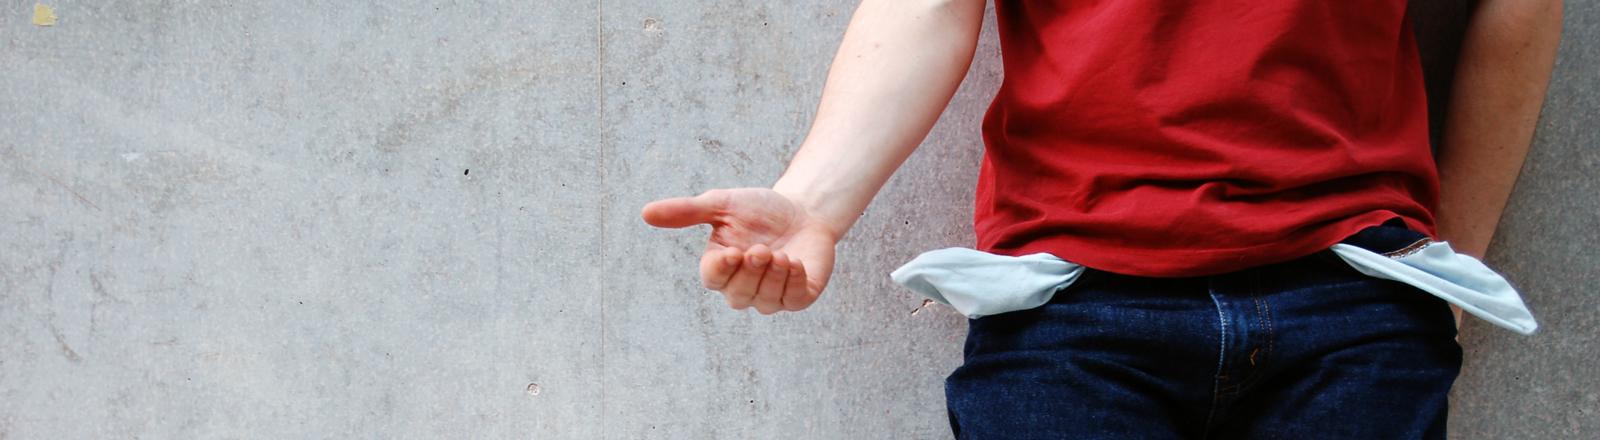 Eine Mann hält die Hand auf